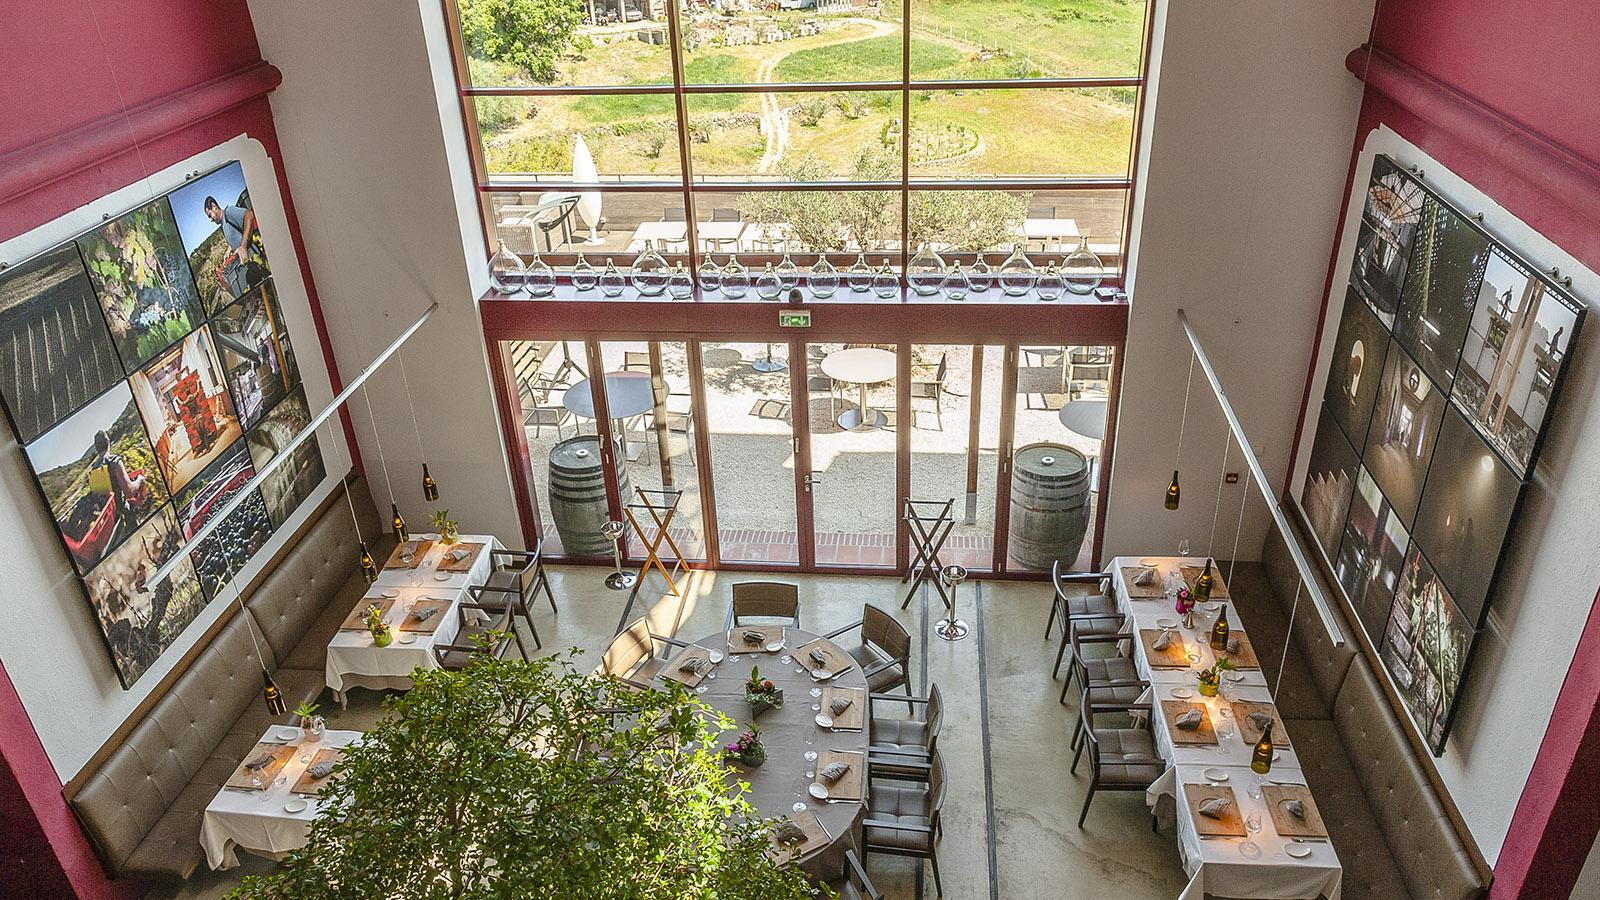 """Riberach: Das Restaurant """"La Coopérative"""" eröffnet weite Ausblicke auf die Natur ringsum. Foto: Hilke Maunder"""